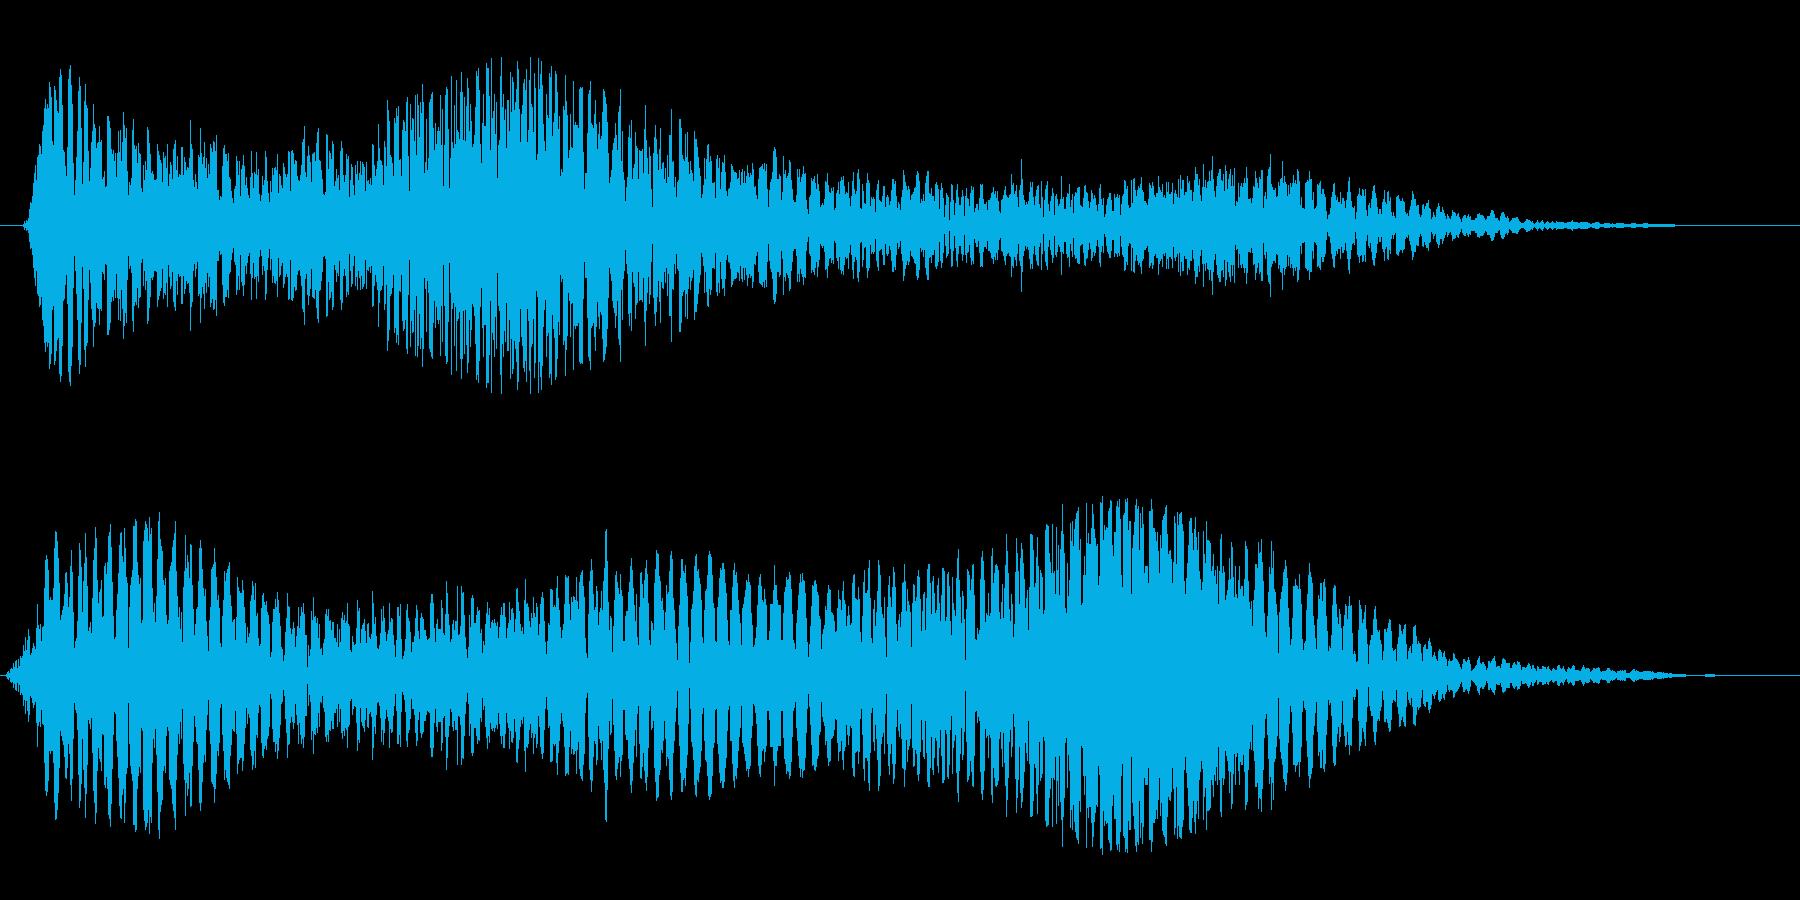 広がる宇宙や惑星(SFゲームの飛行音)の再生済みの波形